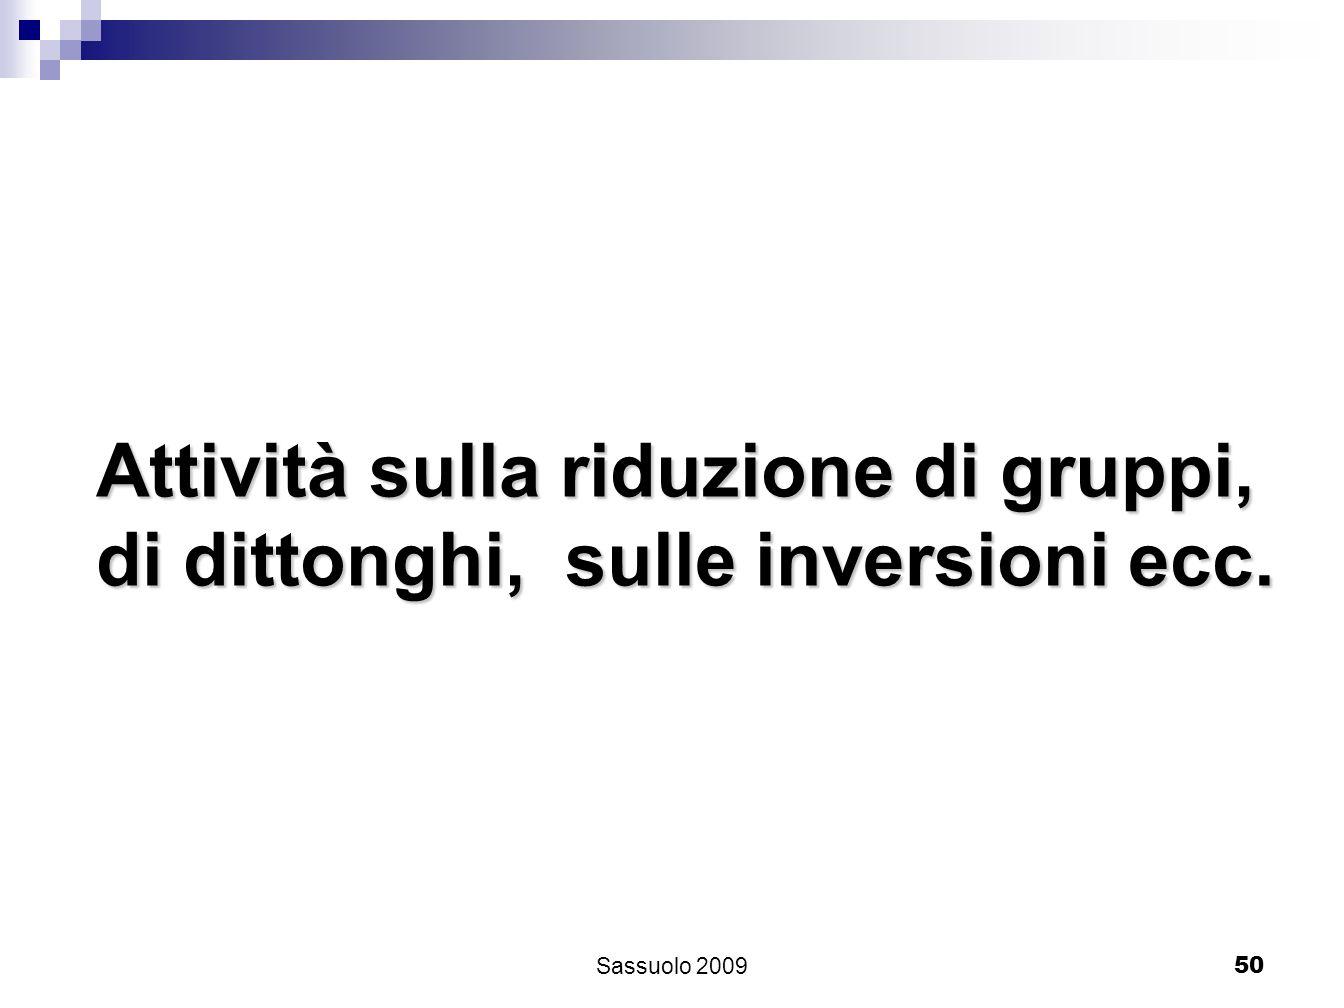 50 Attività sulla riduzione di gruppi, di dittonghi, sulle inversioni ecc. Sassuolo 2009